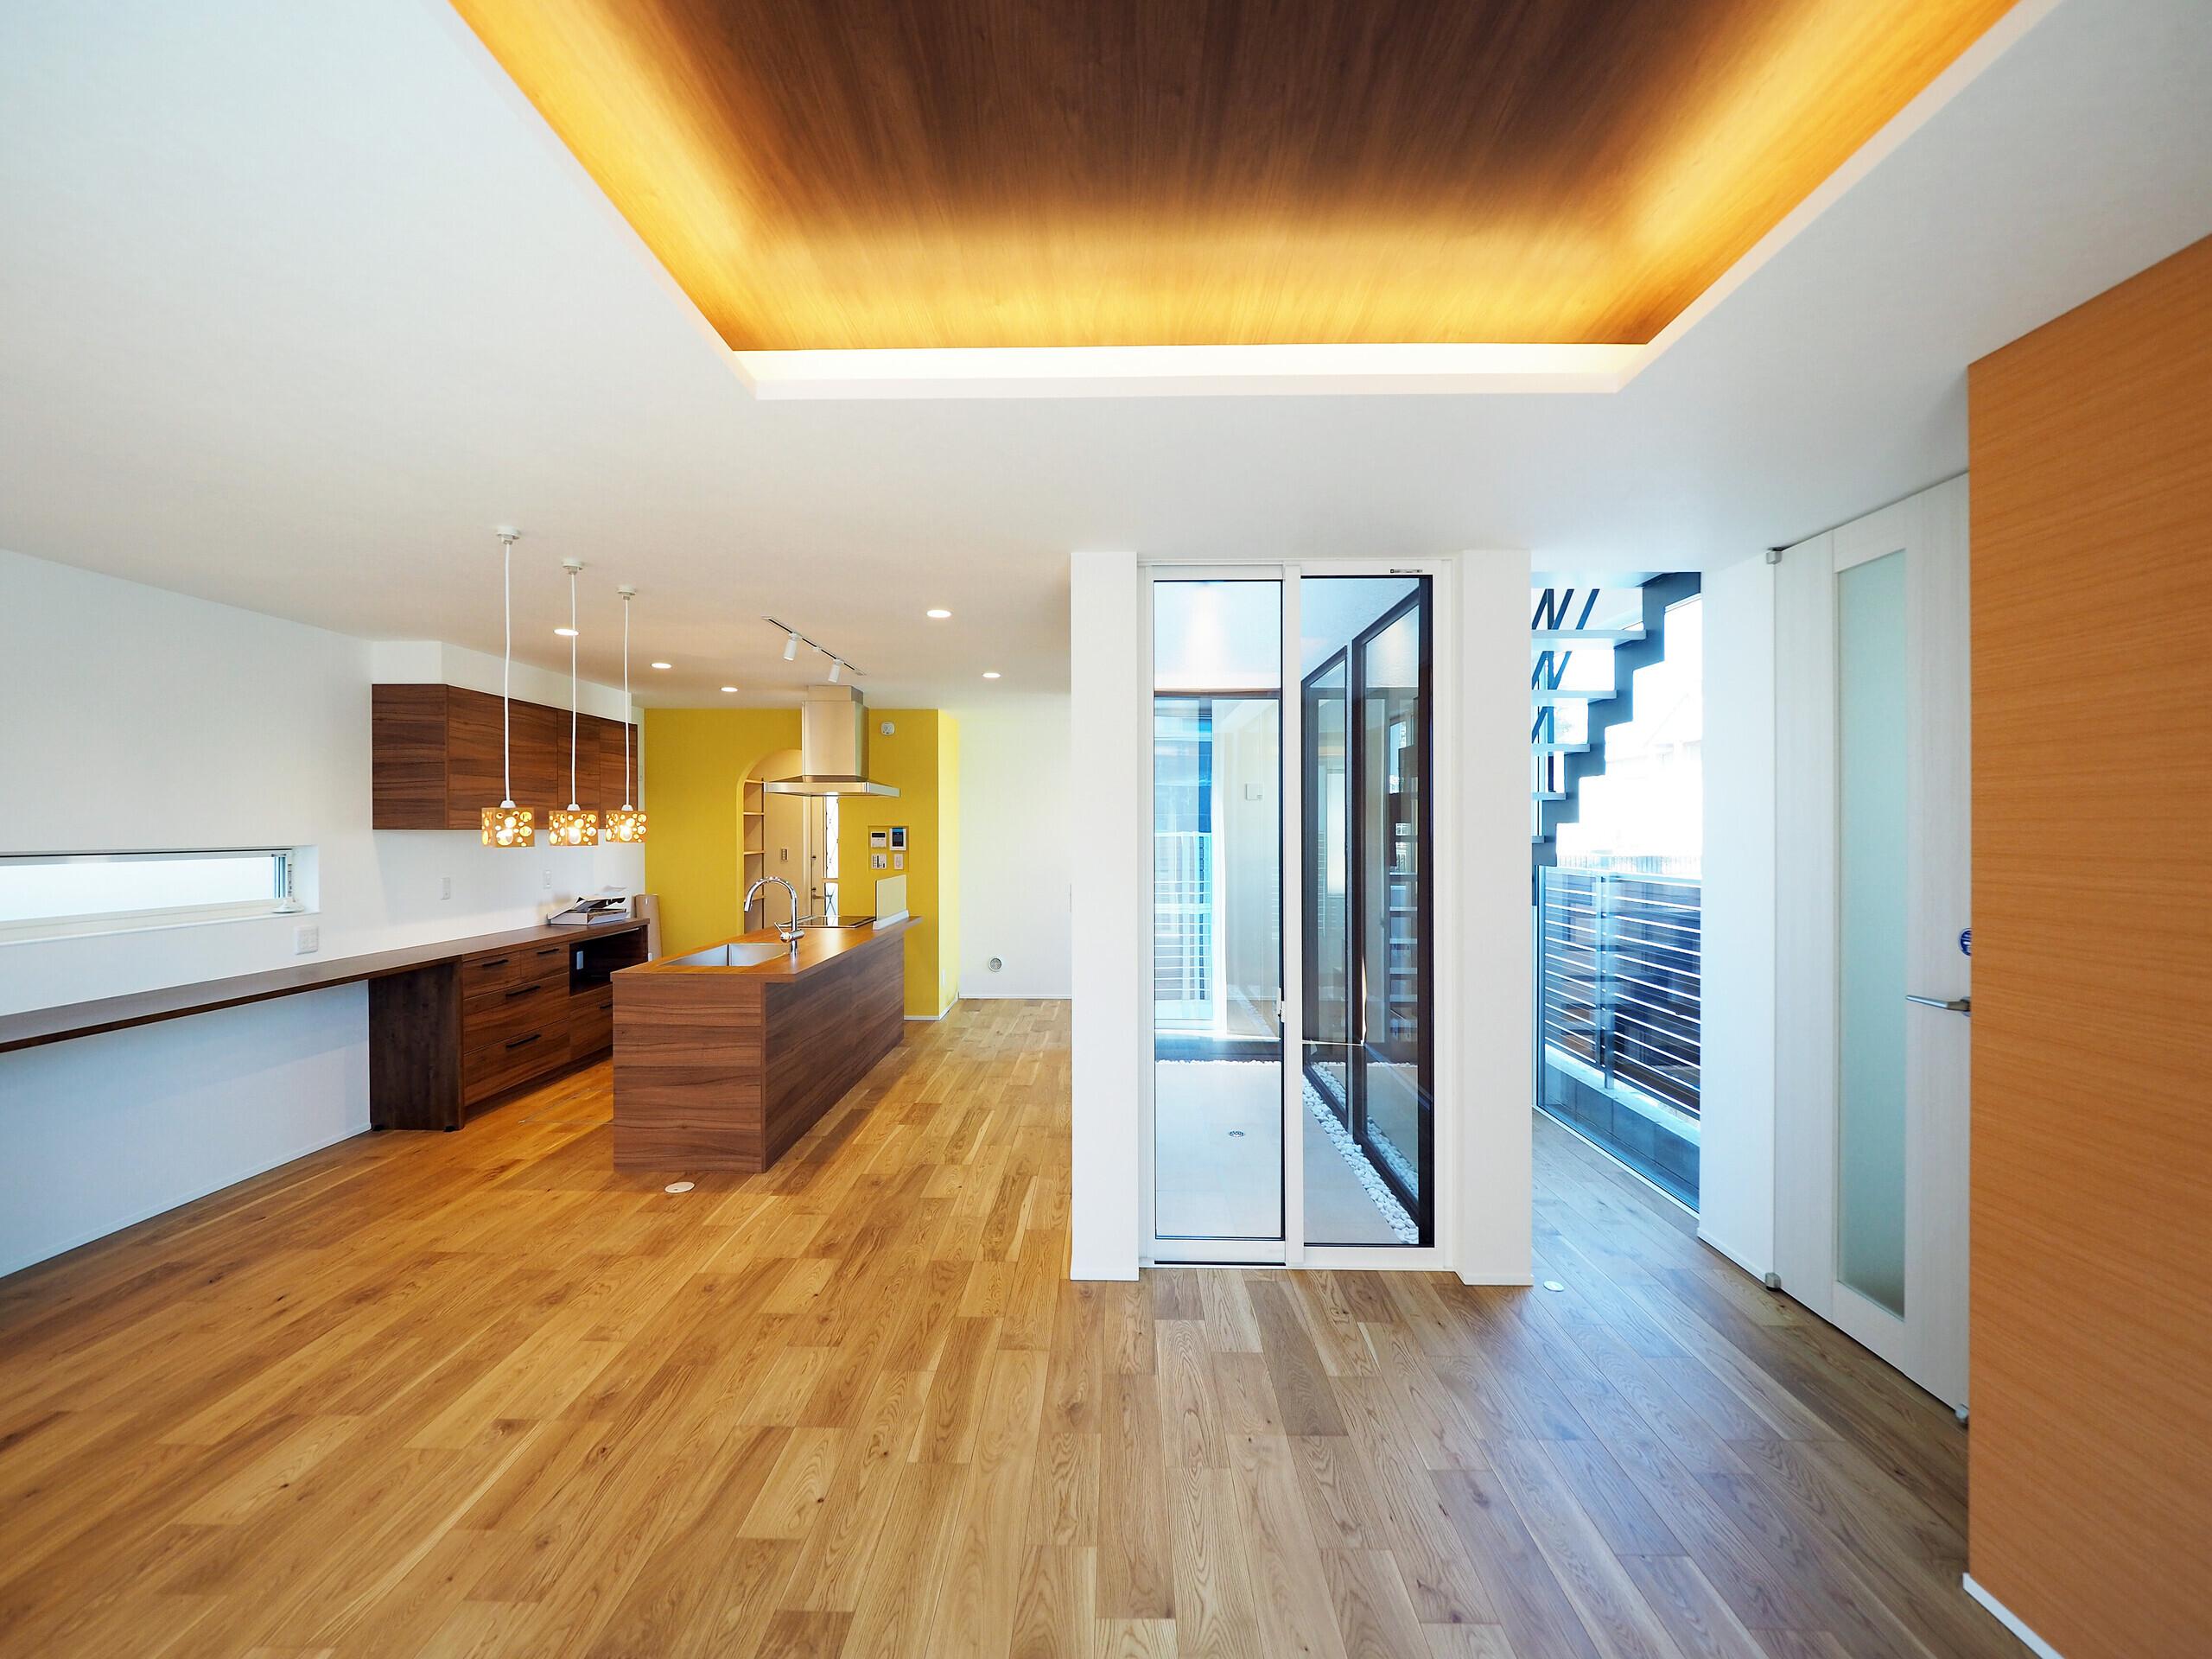 ライトコートのある住宅Ⅱの建築事例写真